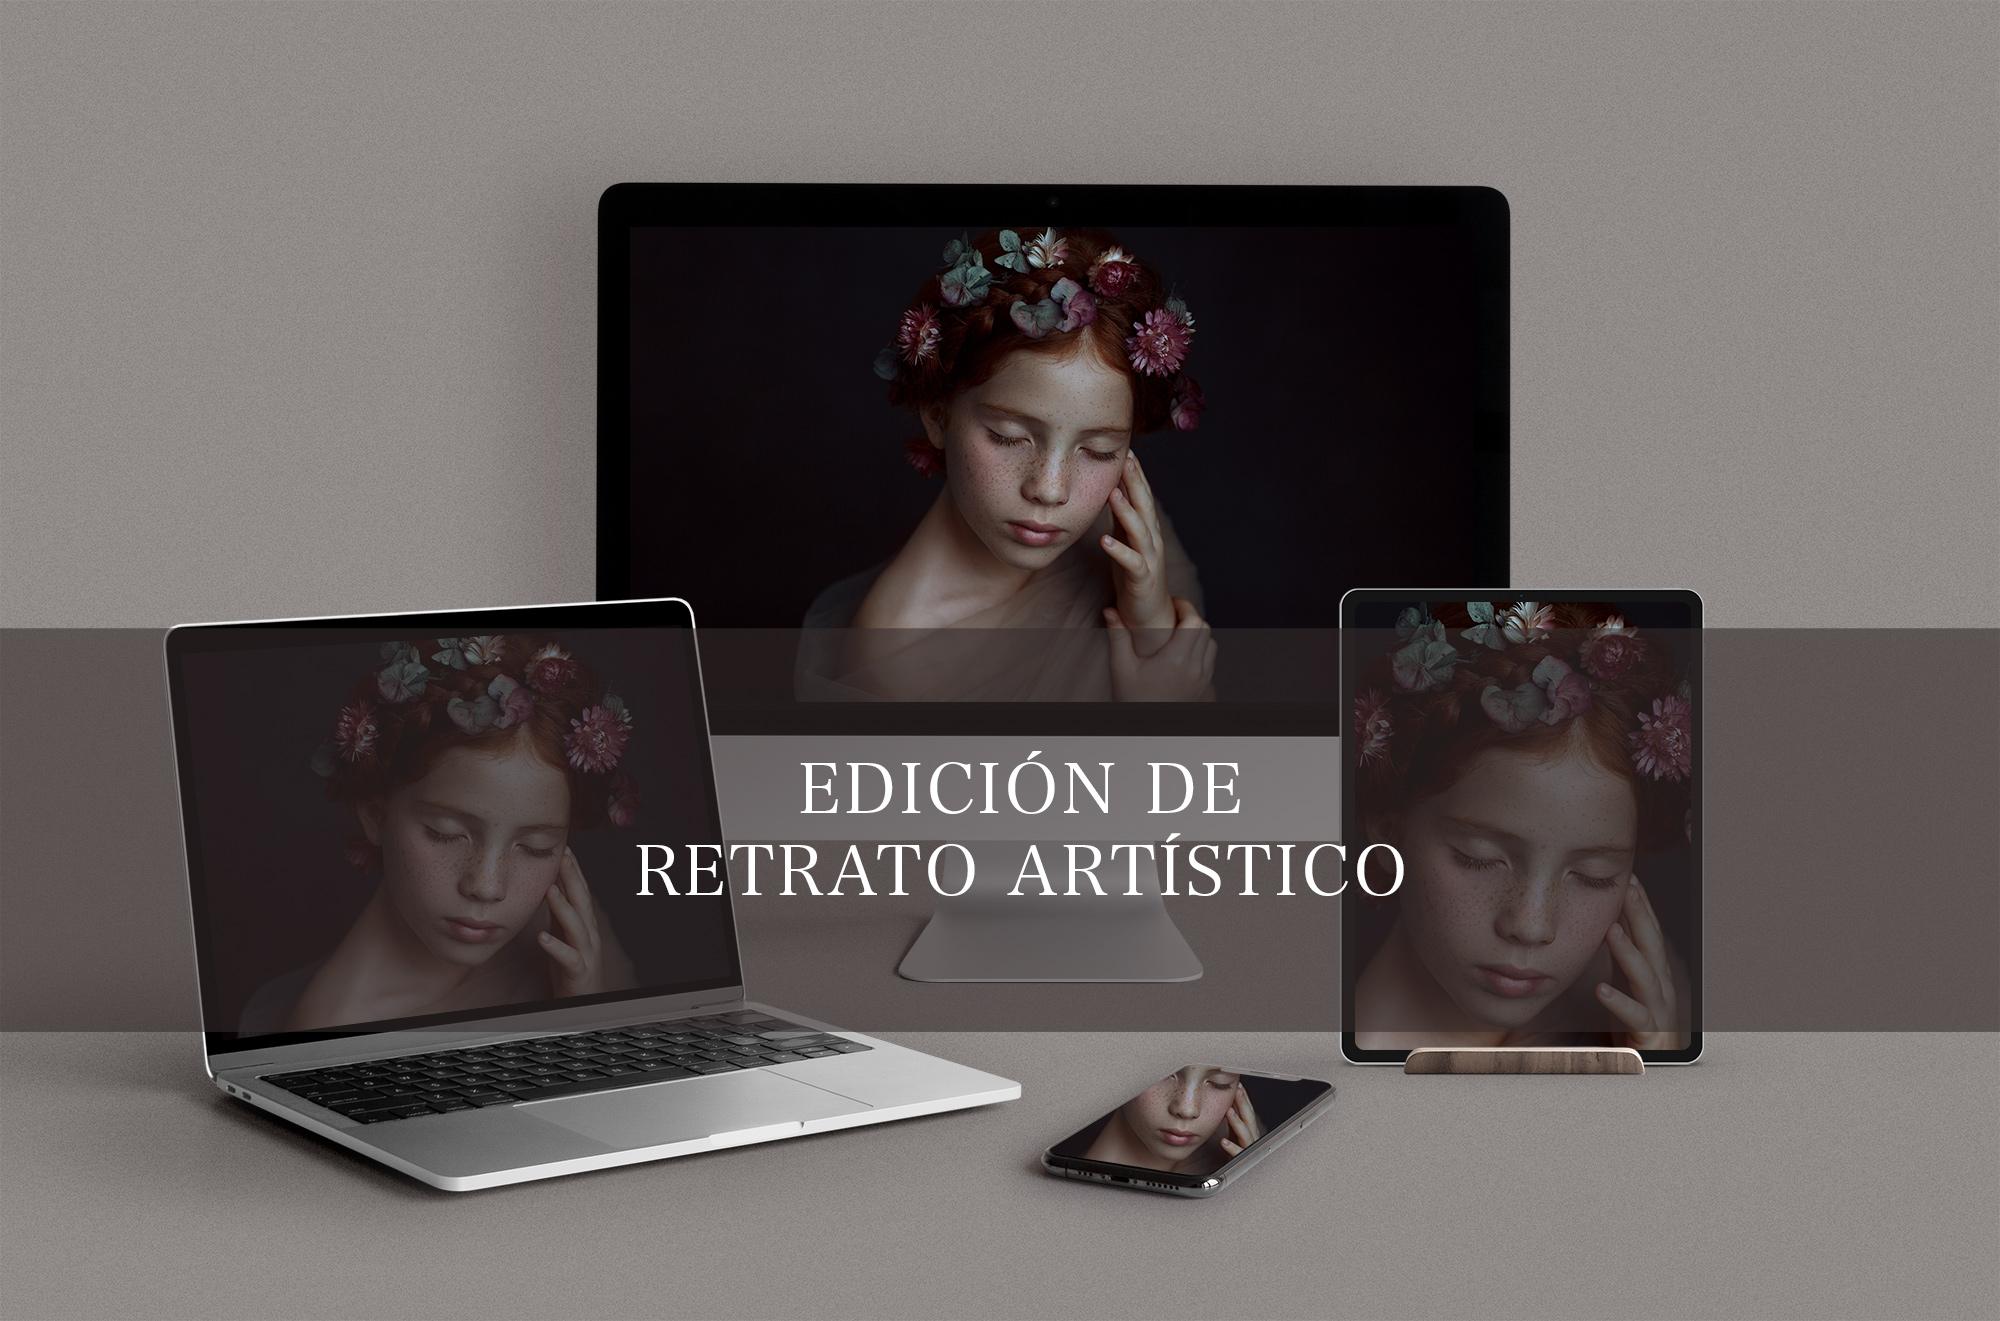 tutorial de edición de retrato artístico-p